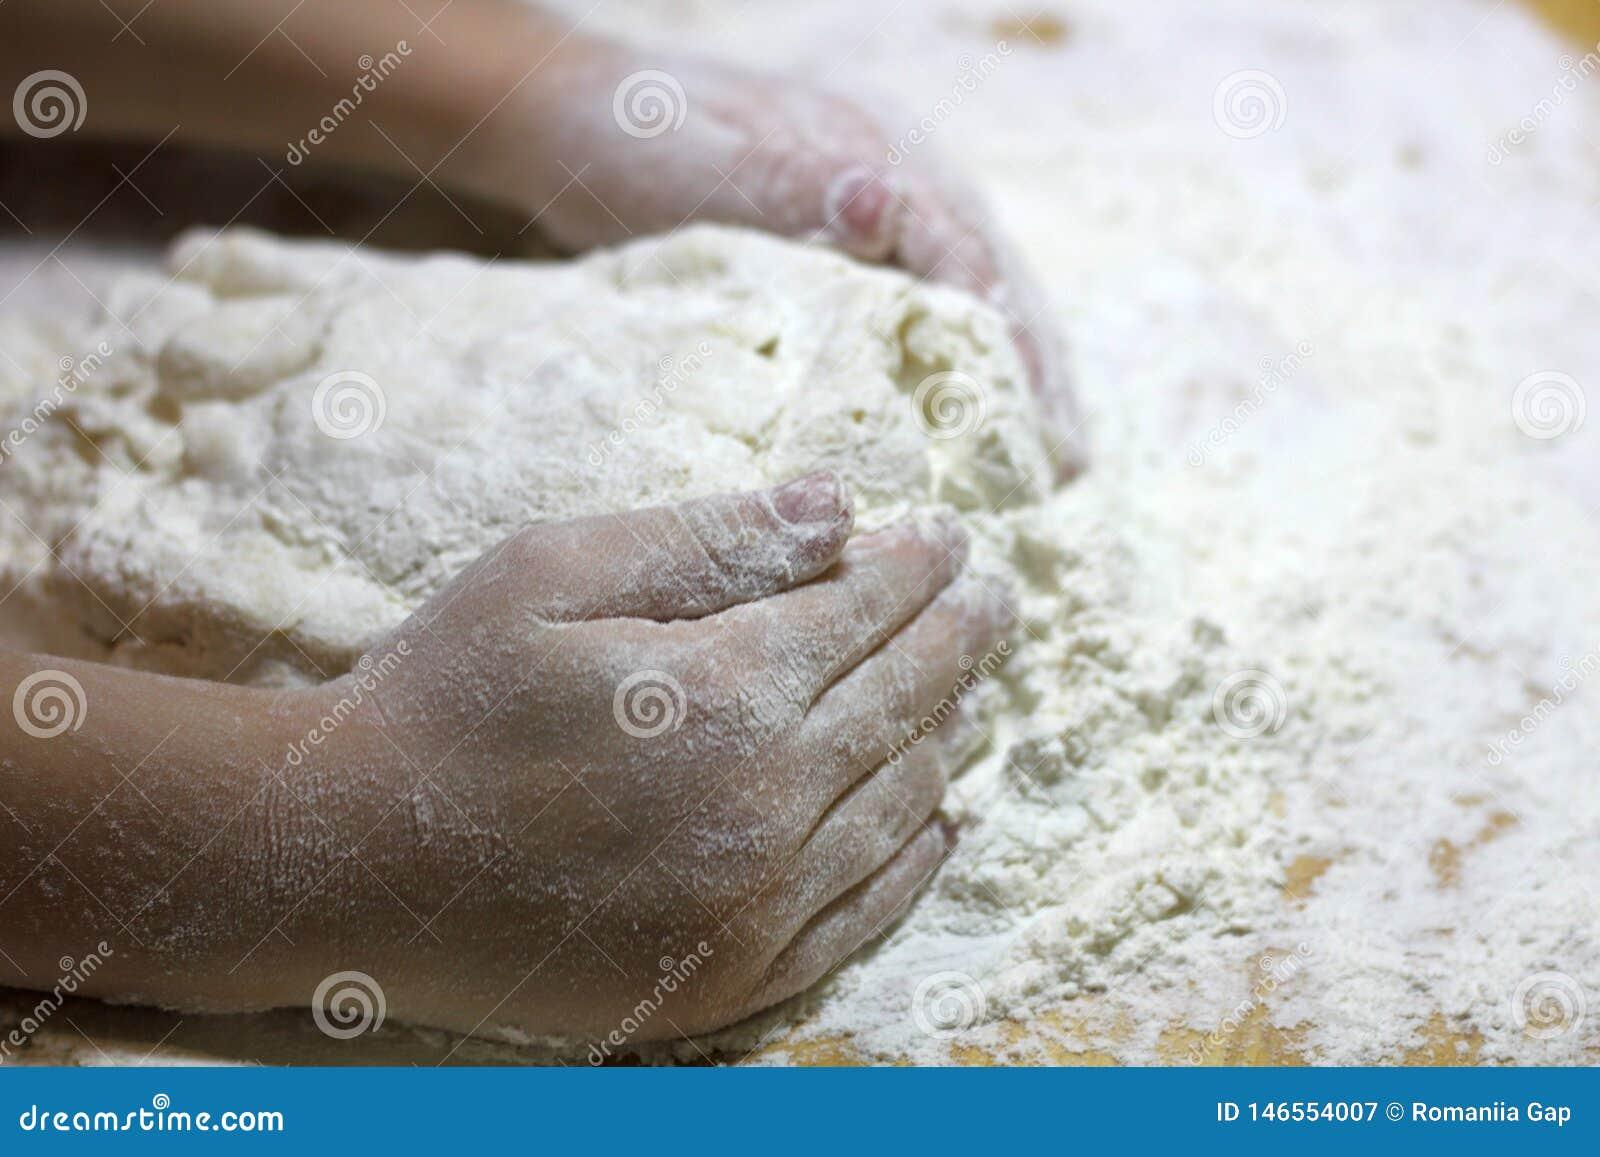 E r r 面包店产品,比萨,面粉 ??